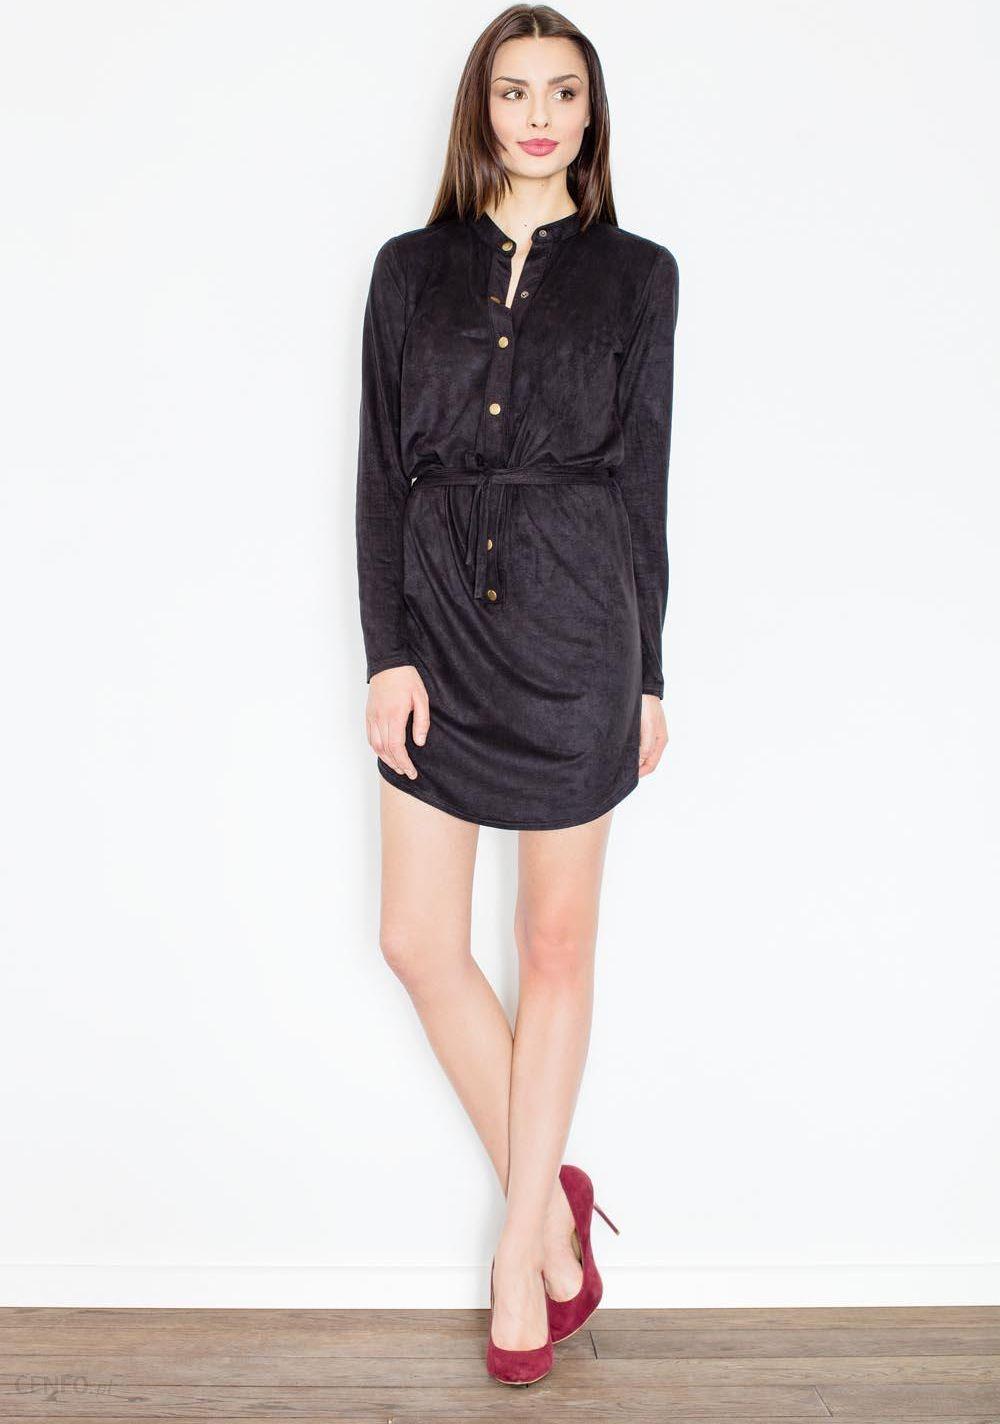 89e07f597a Figl Czarna Sukienka o Koszulowym Kroju Zapinana na Zatrzaski - zdjęcie 1